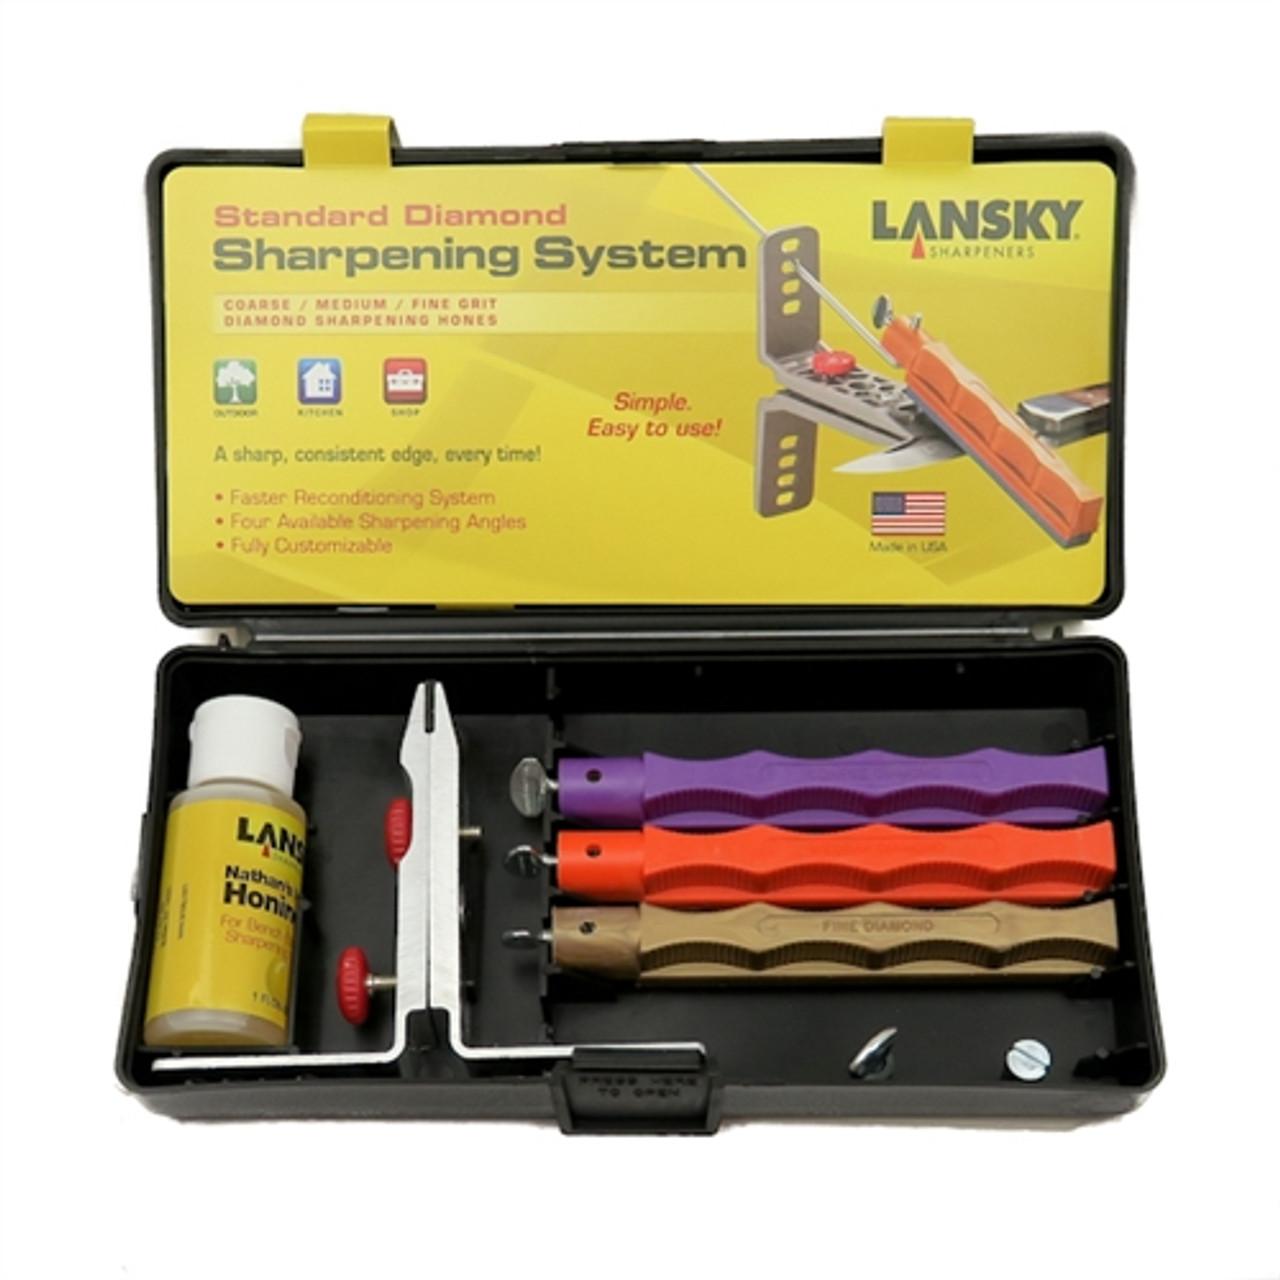 Lansky LK3DM Standard Diamond Knife Sharpening System, 3 Hones